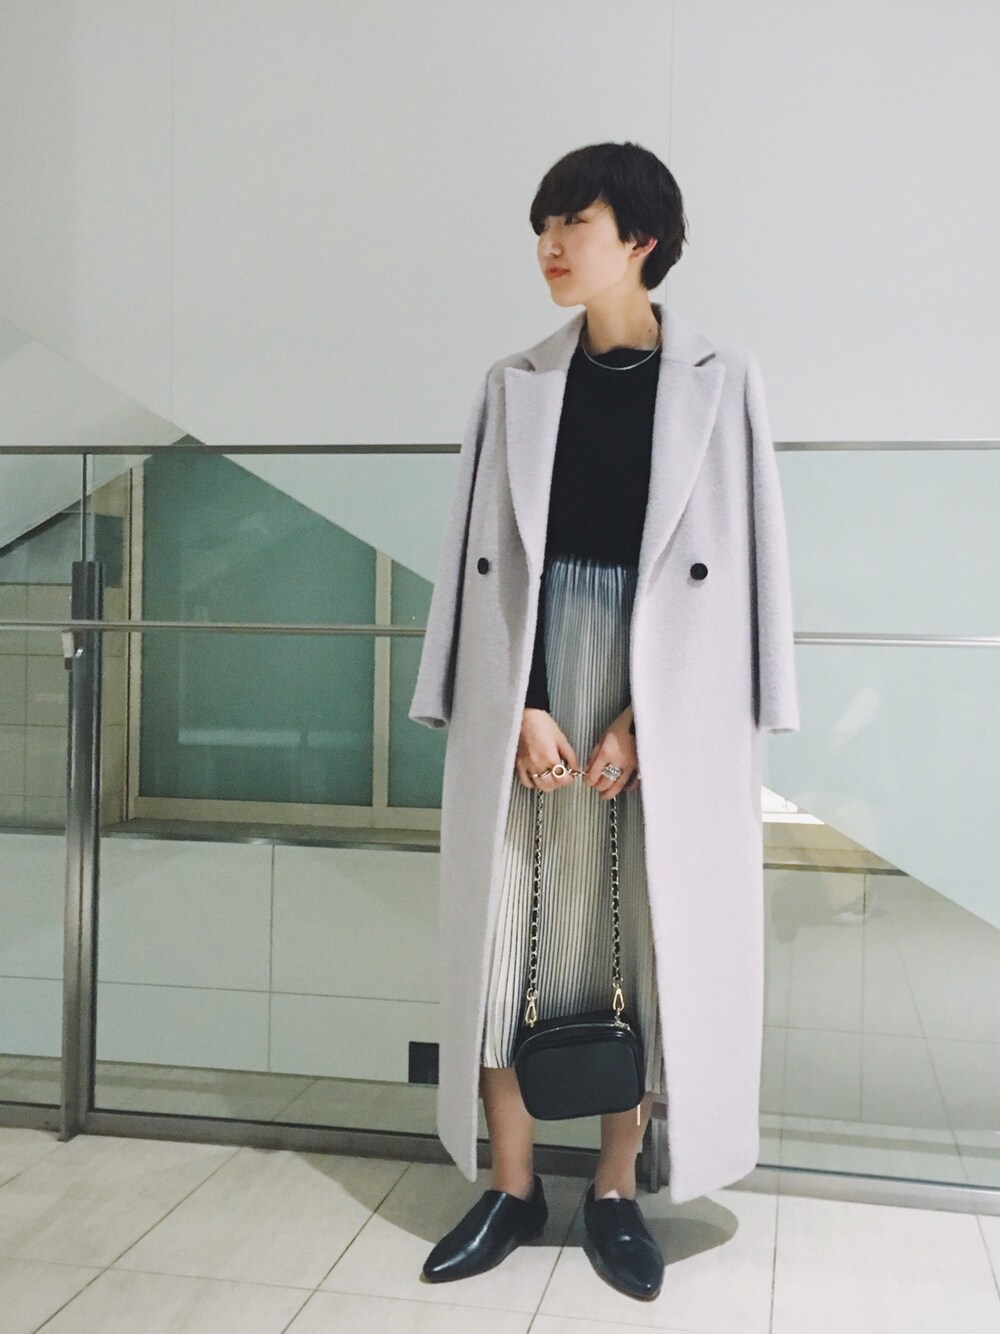 出典:http://wear.jp/rriipp/8466339/